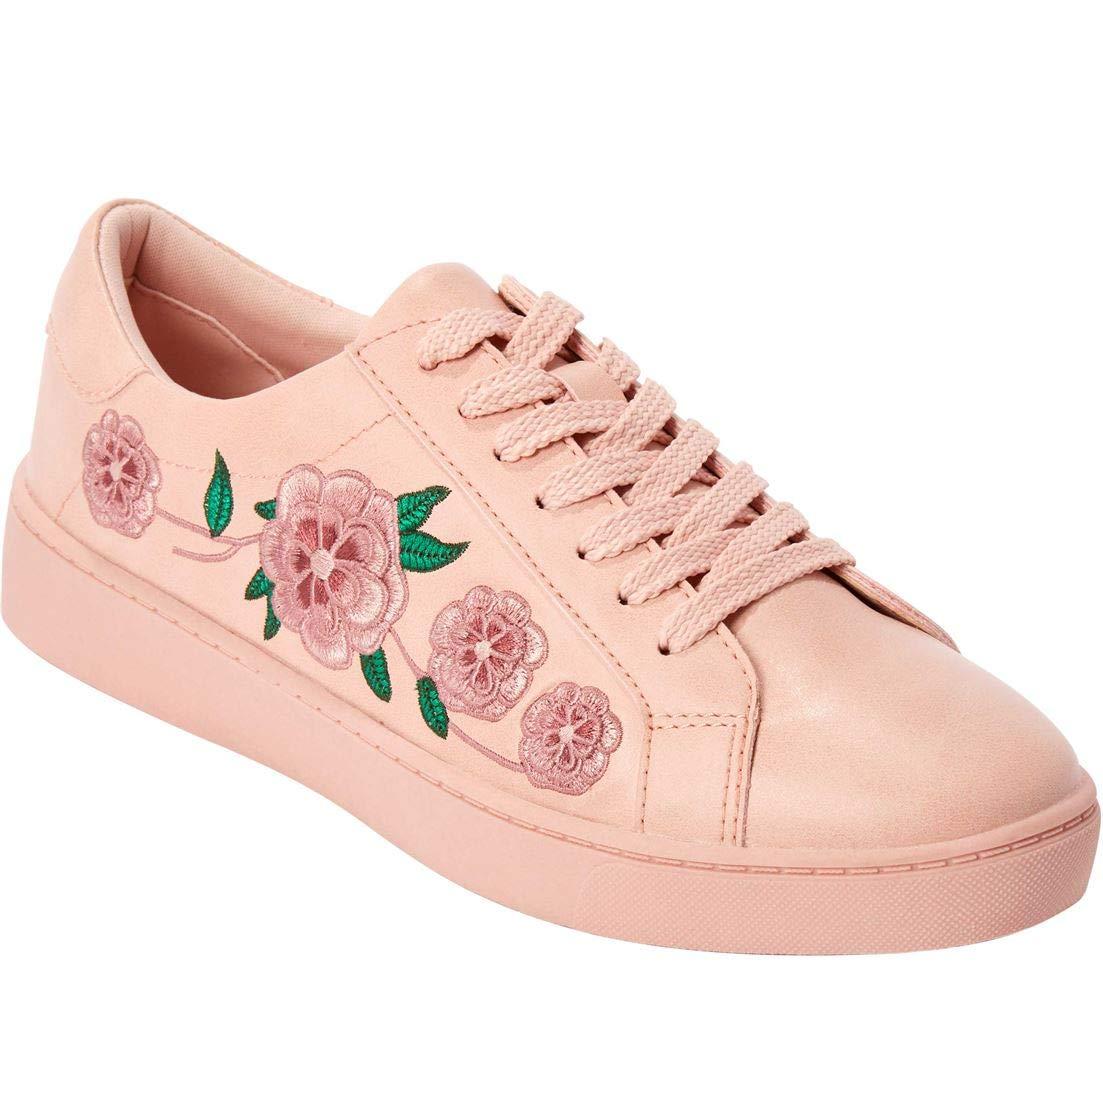 dbfcf6470ef Comfortview Sailor Sneakers